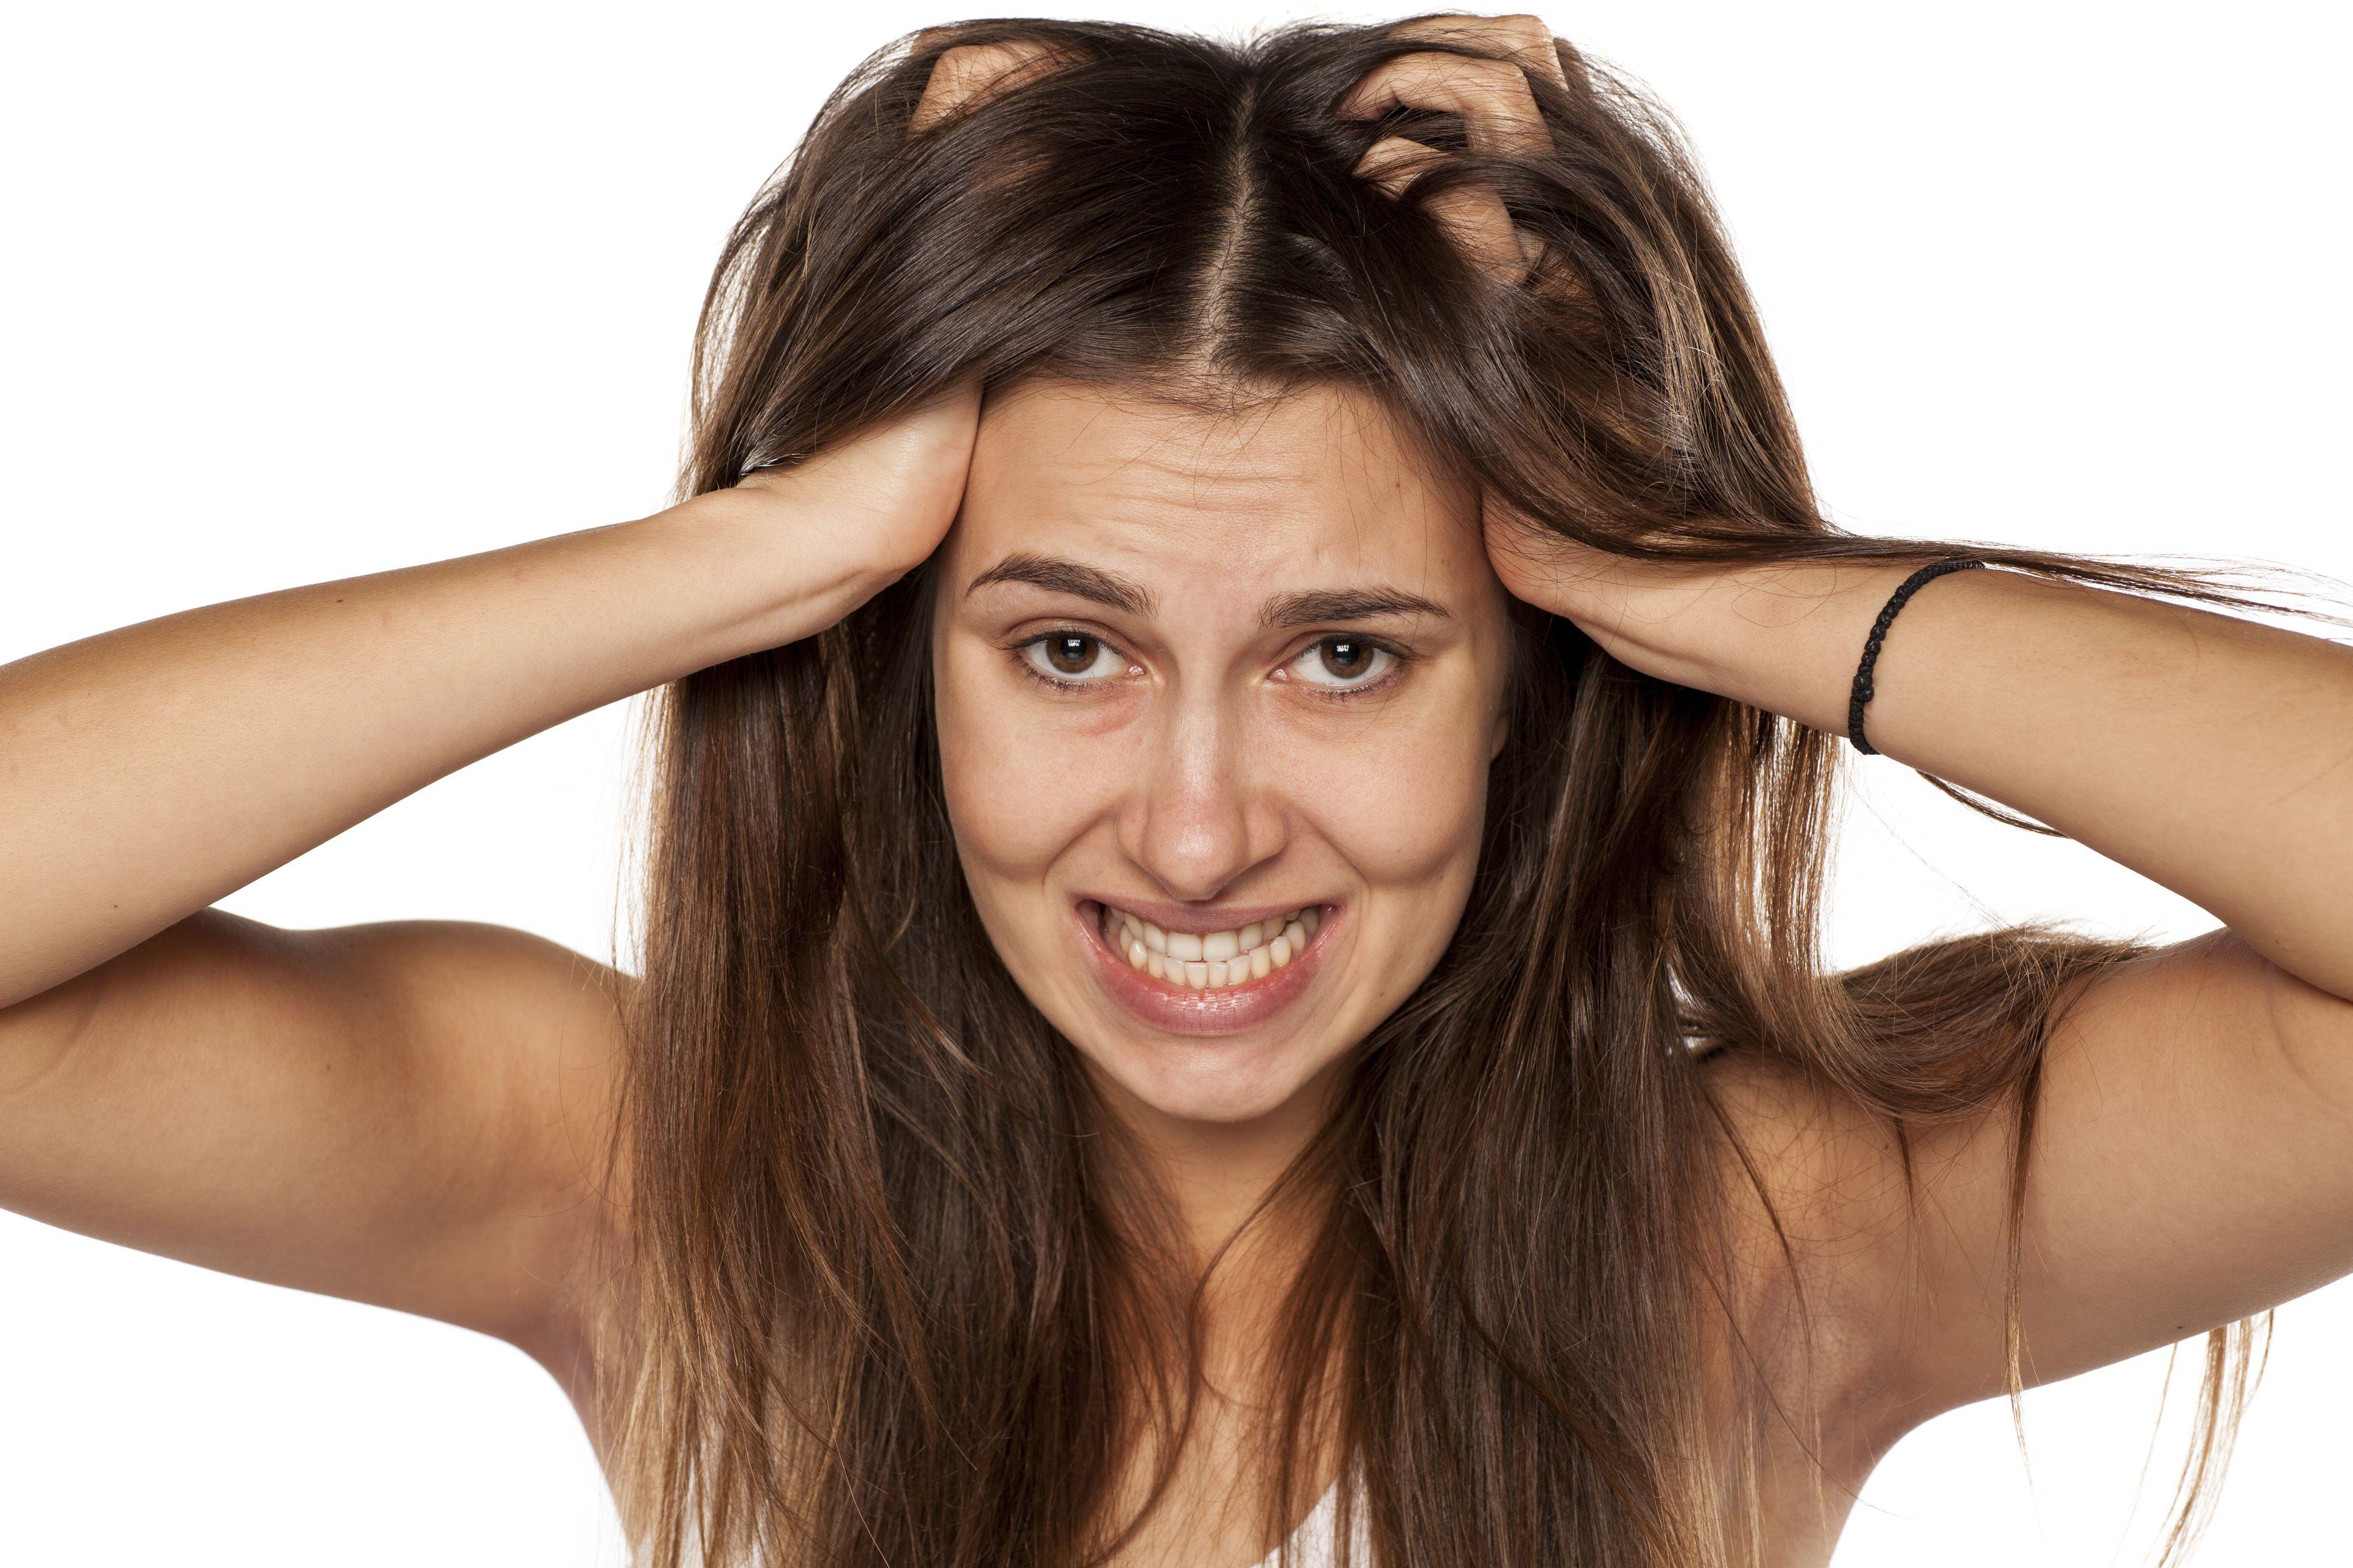 hatékony gyógymódok a fejbőr pikkelysömörére)